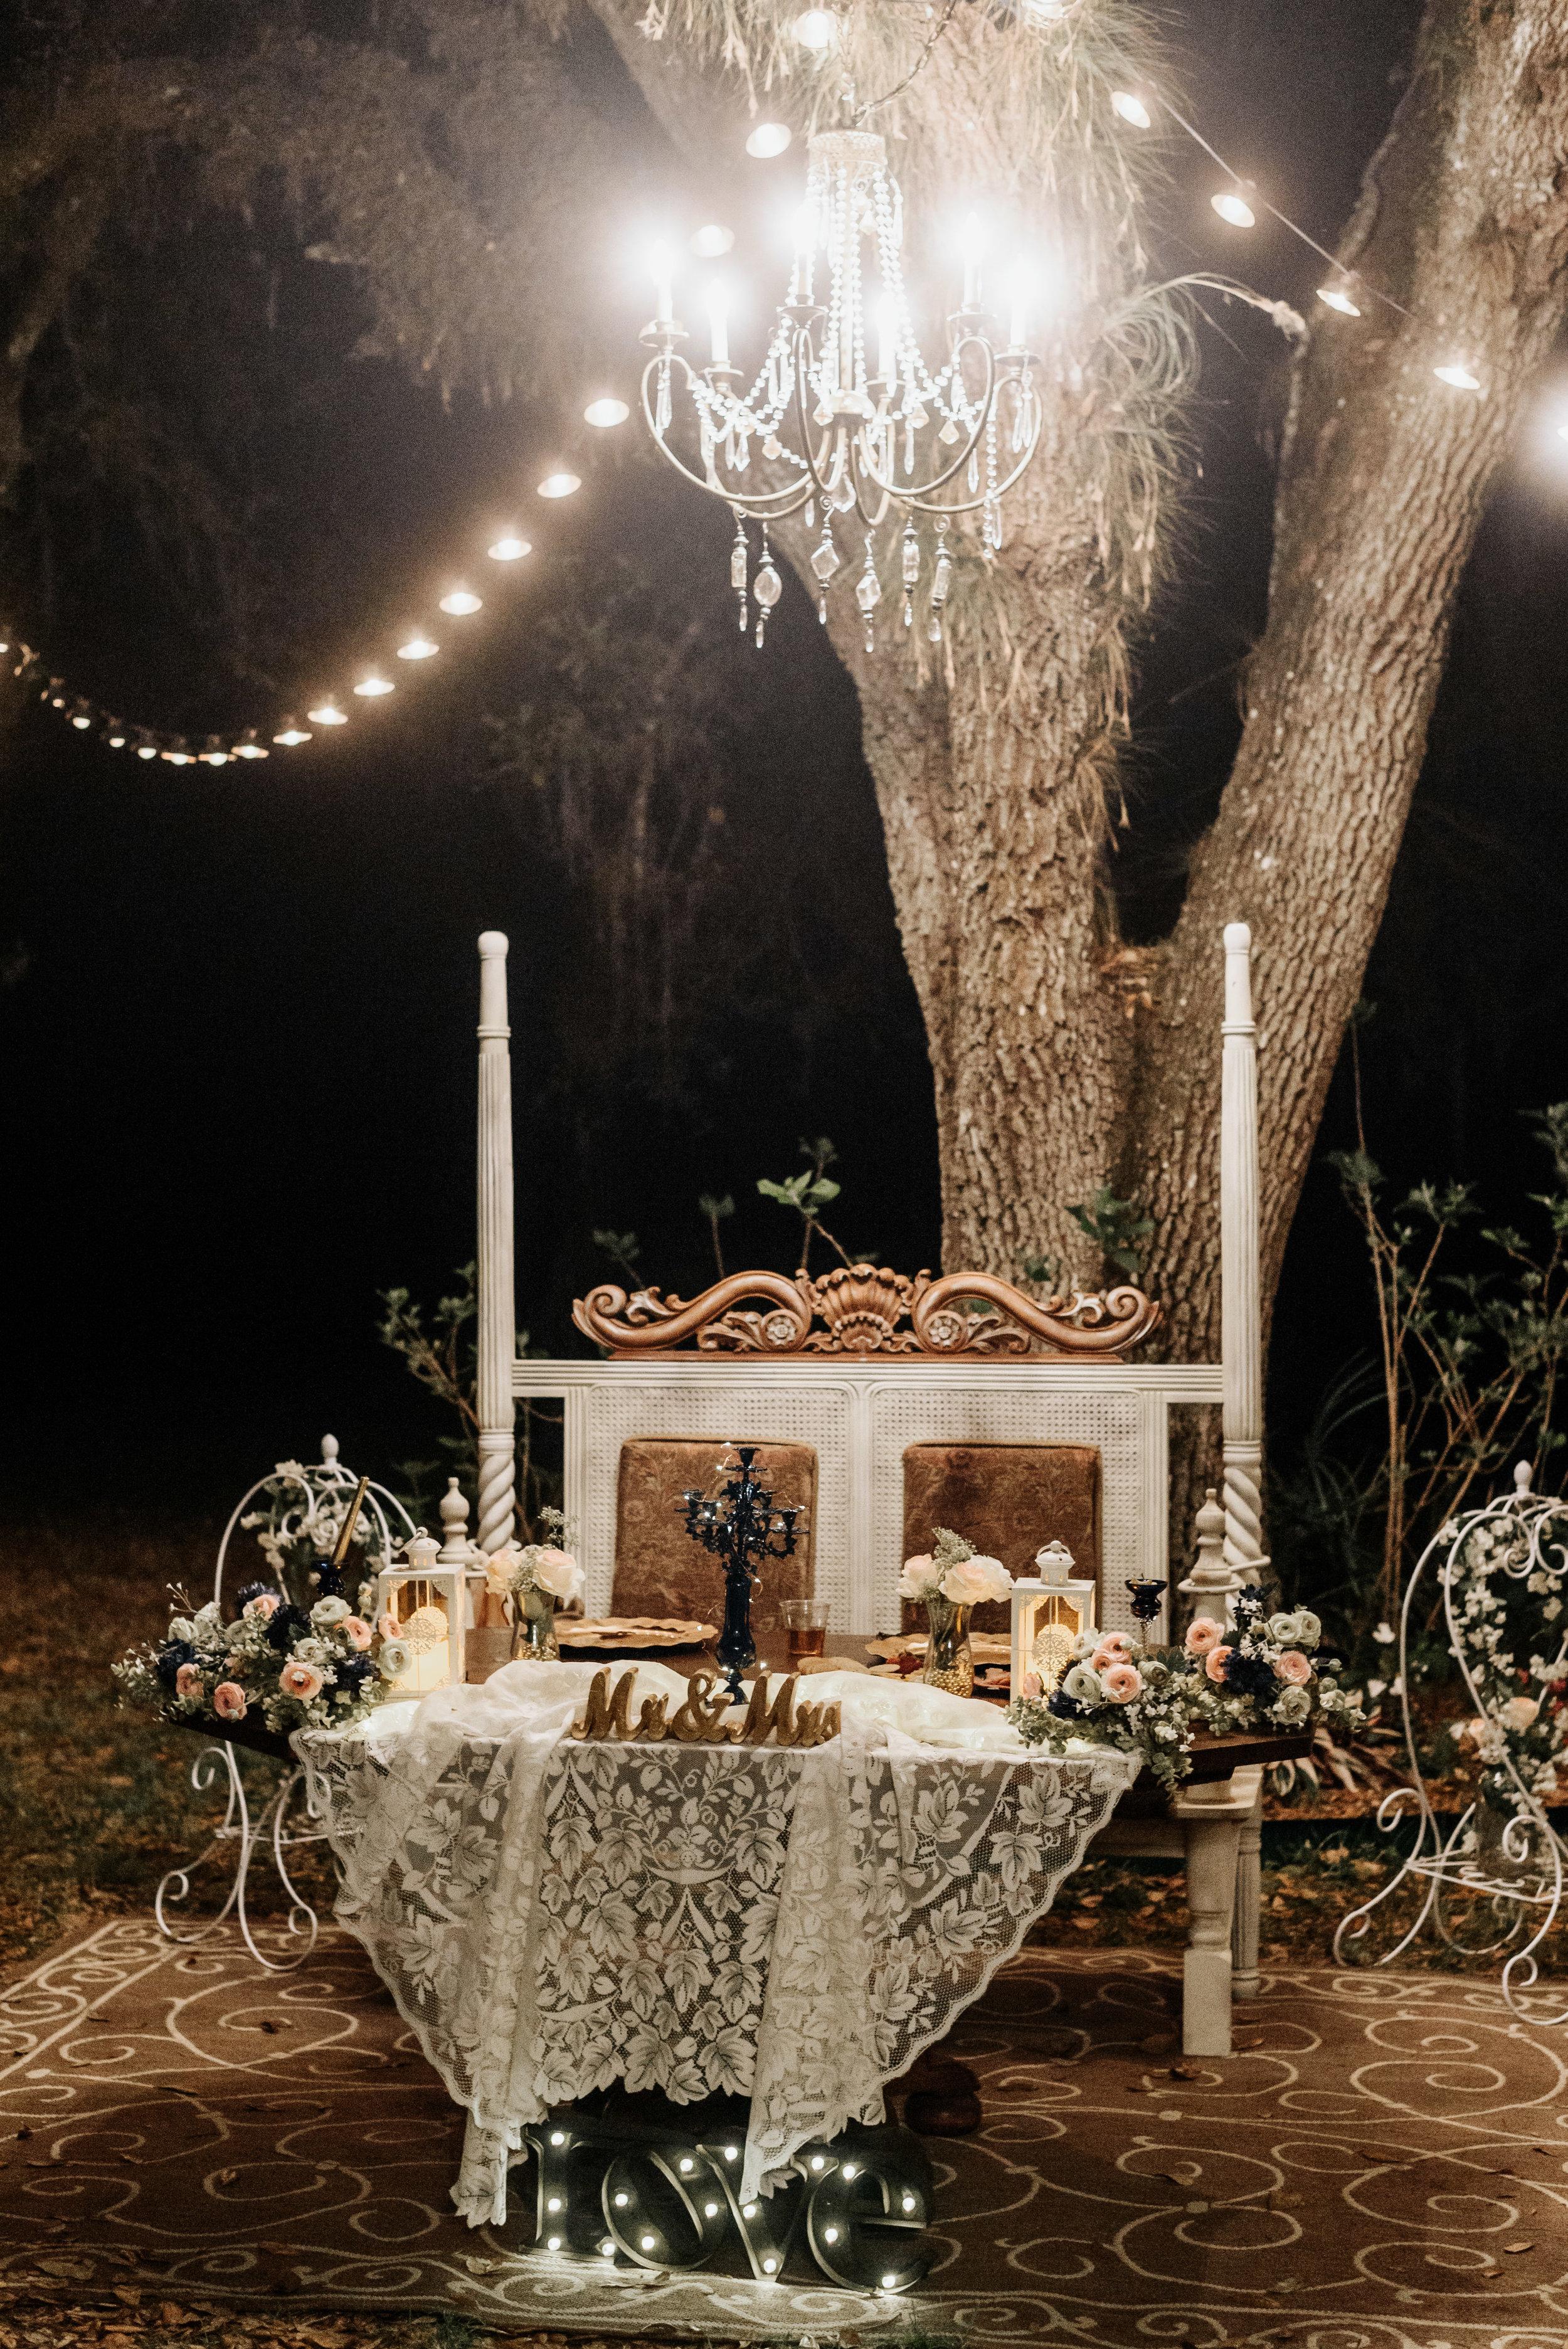 Carolyn-Wes-Wedding-2496.jpg